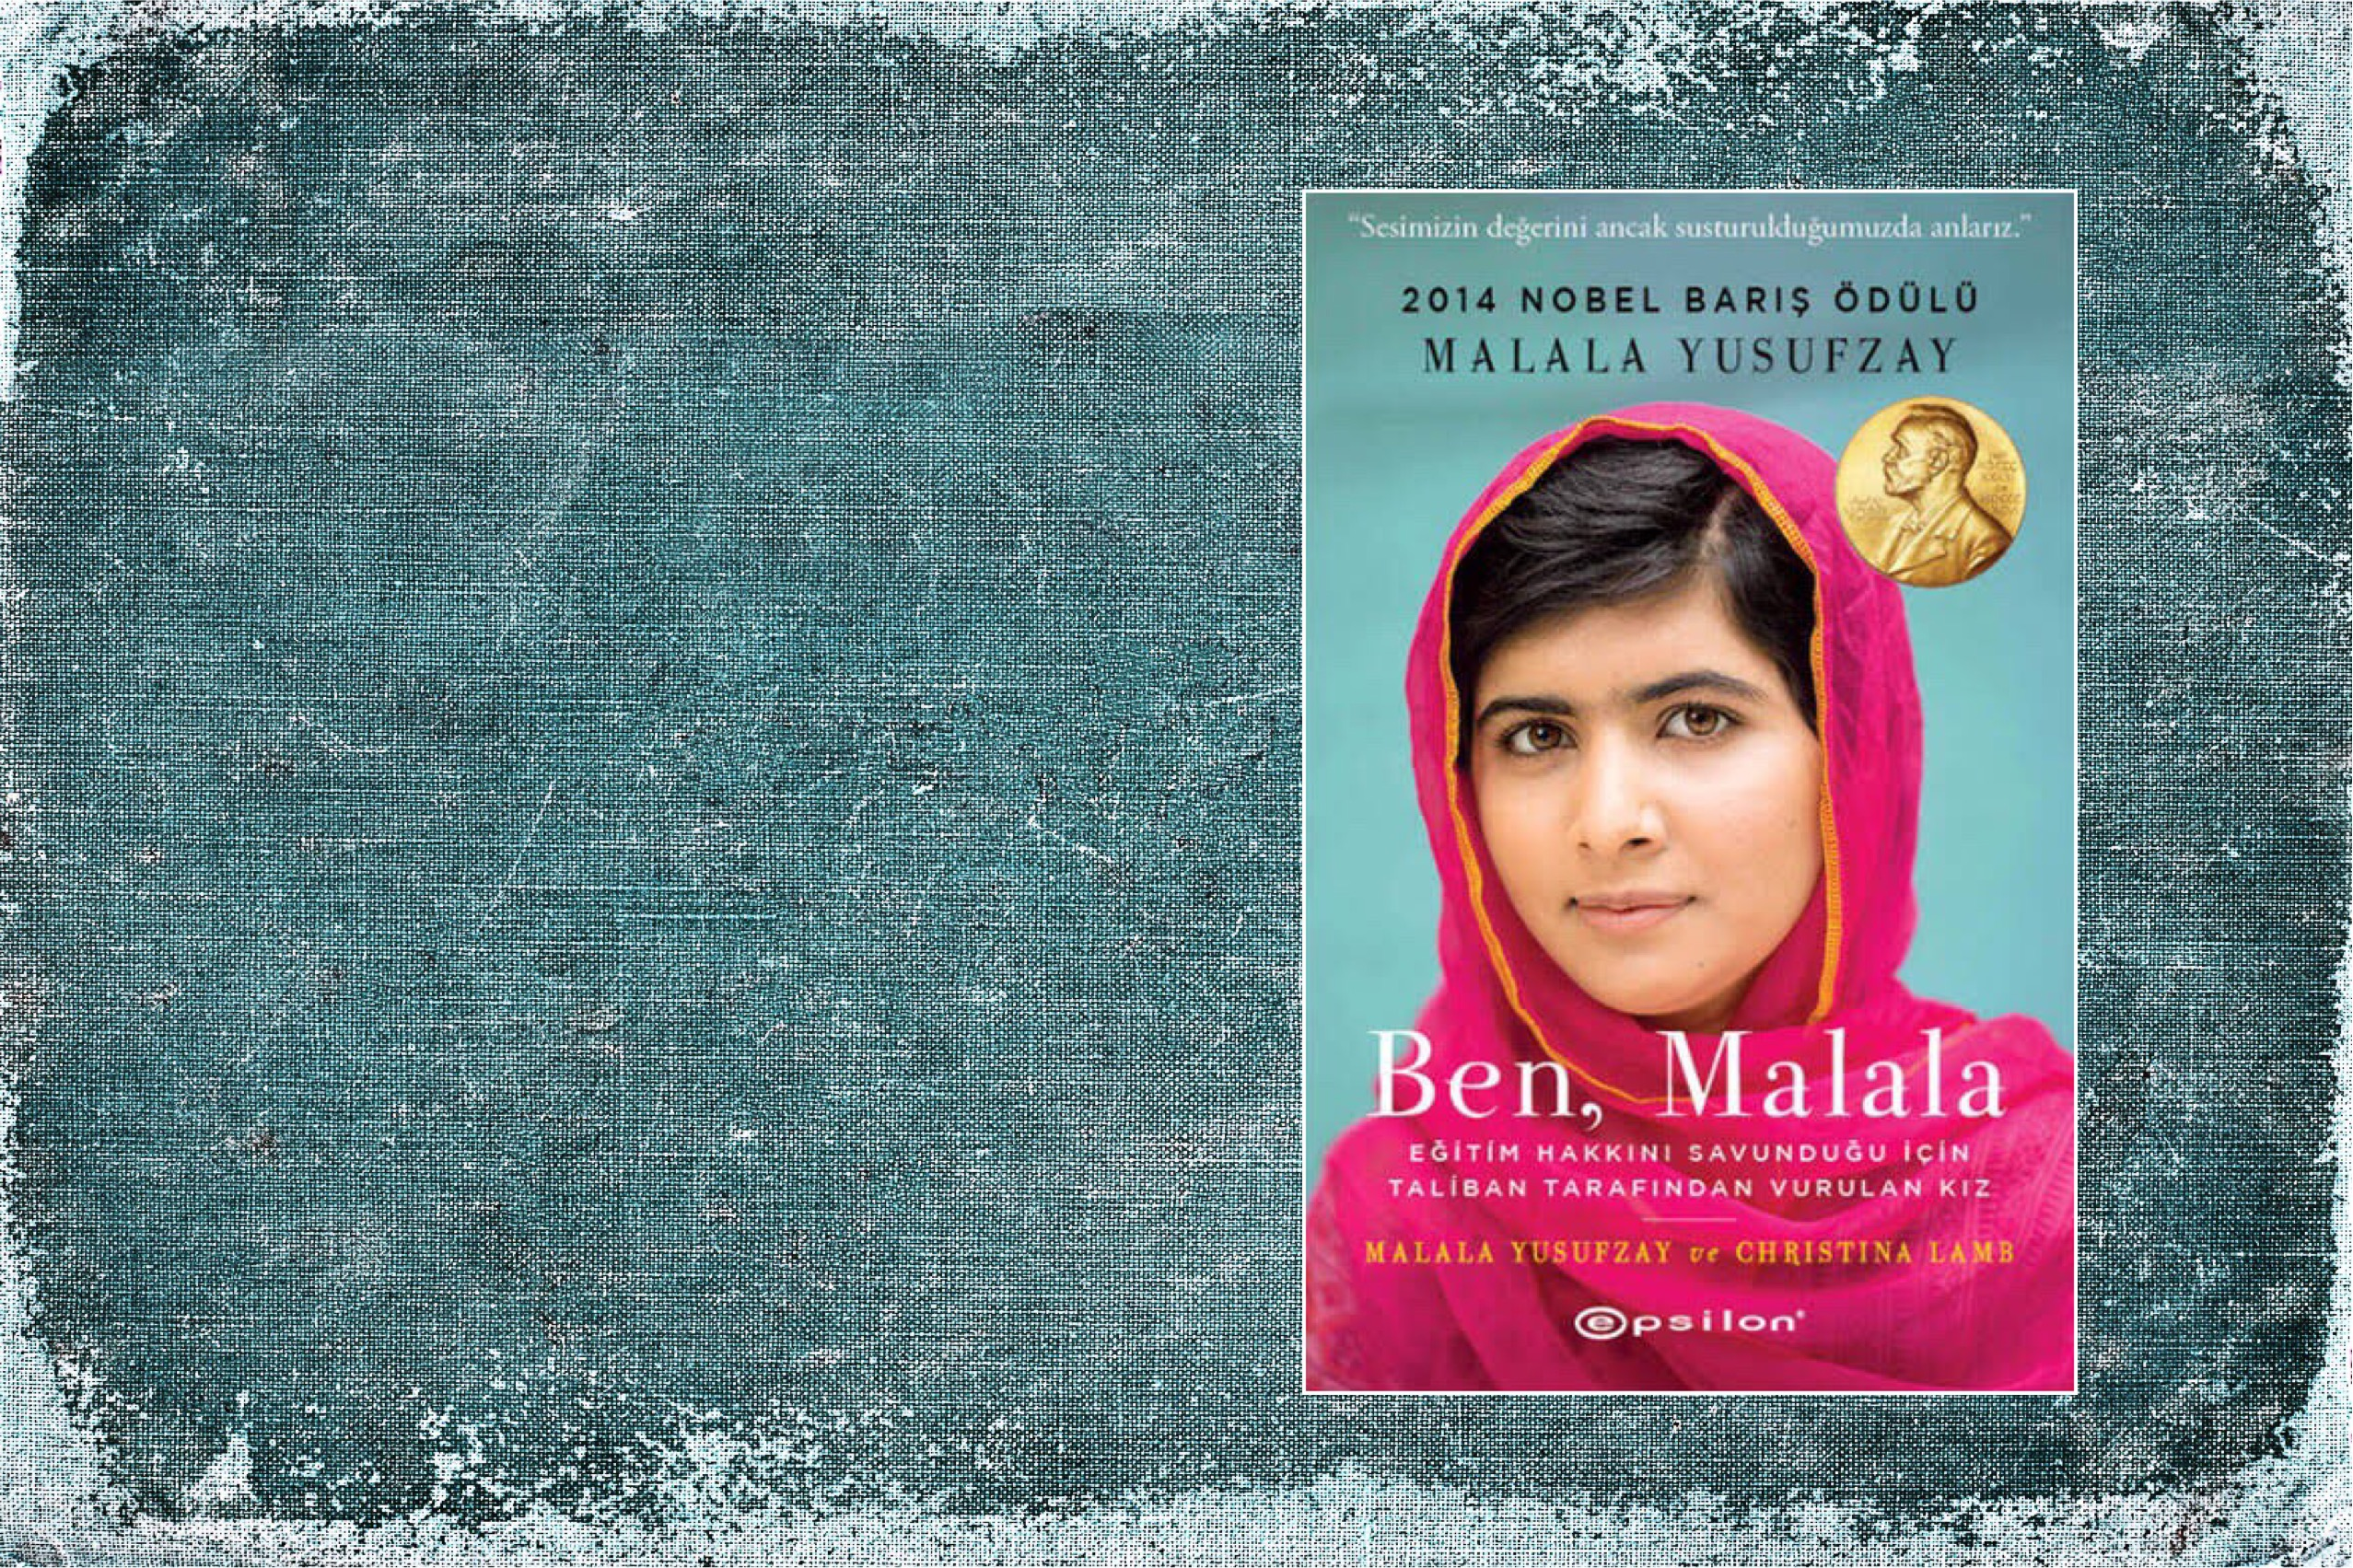 Ben Malala | Malala Yusufzay ve Chrıstına Lamb